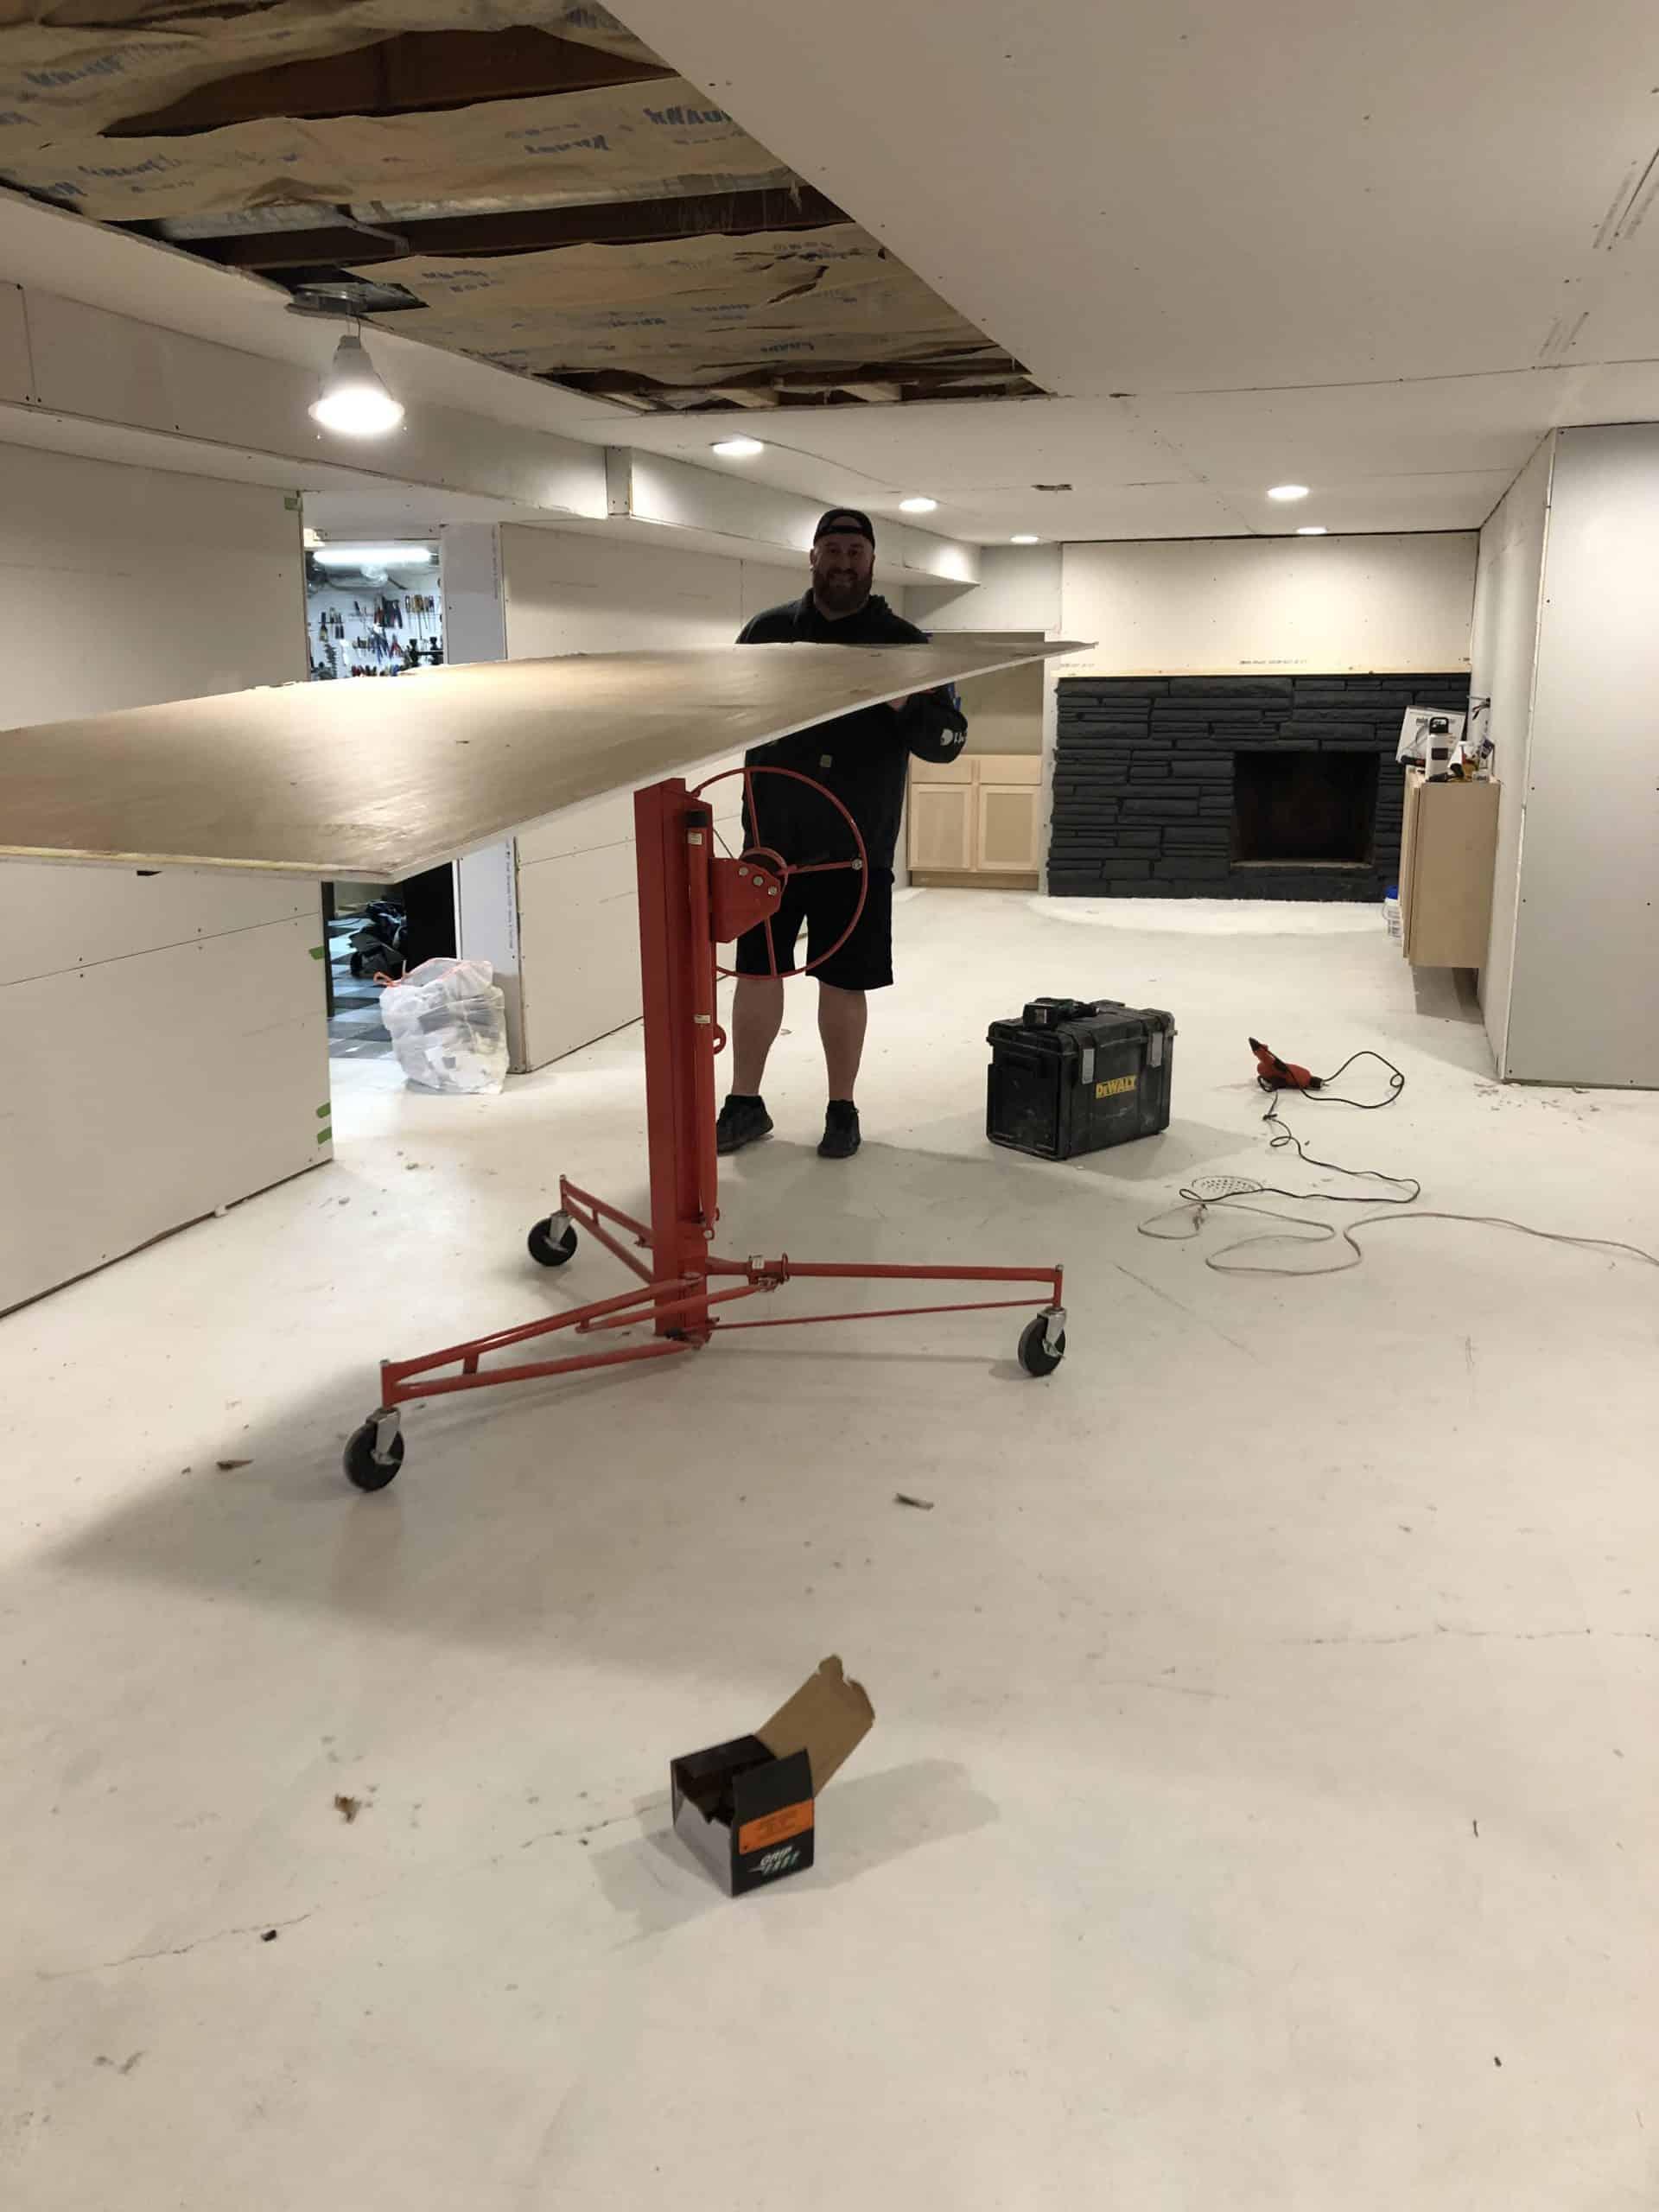 DIY Drywall Installation